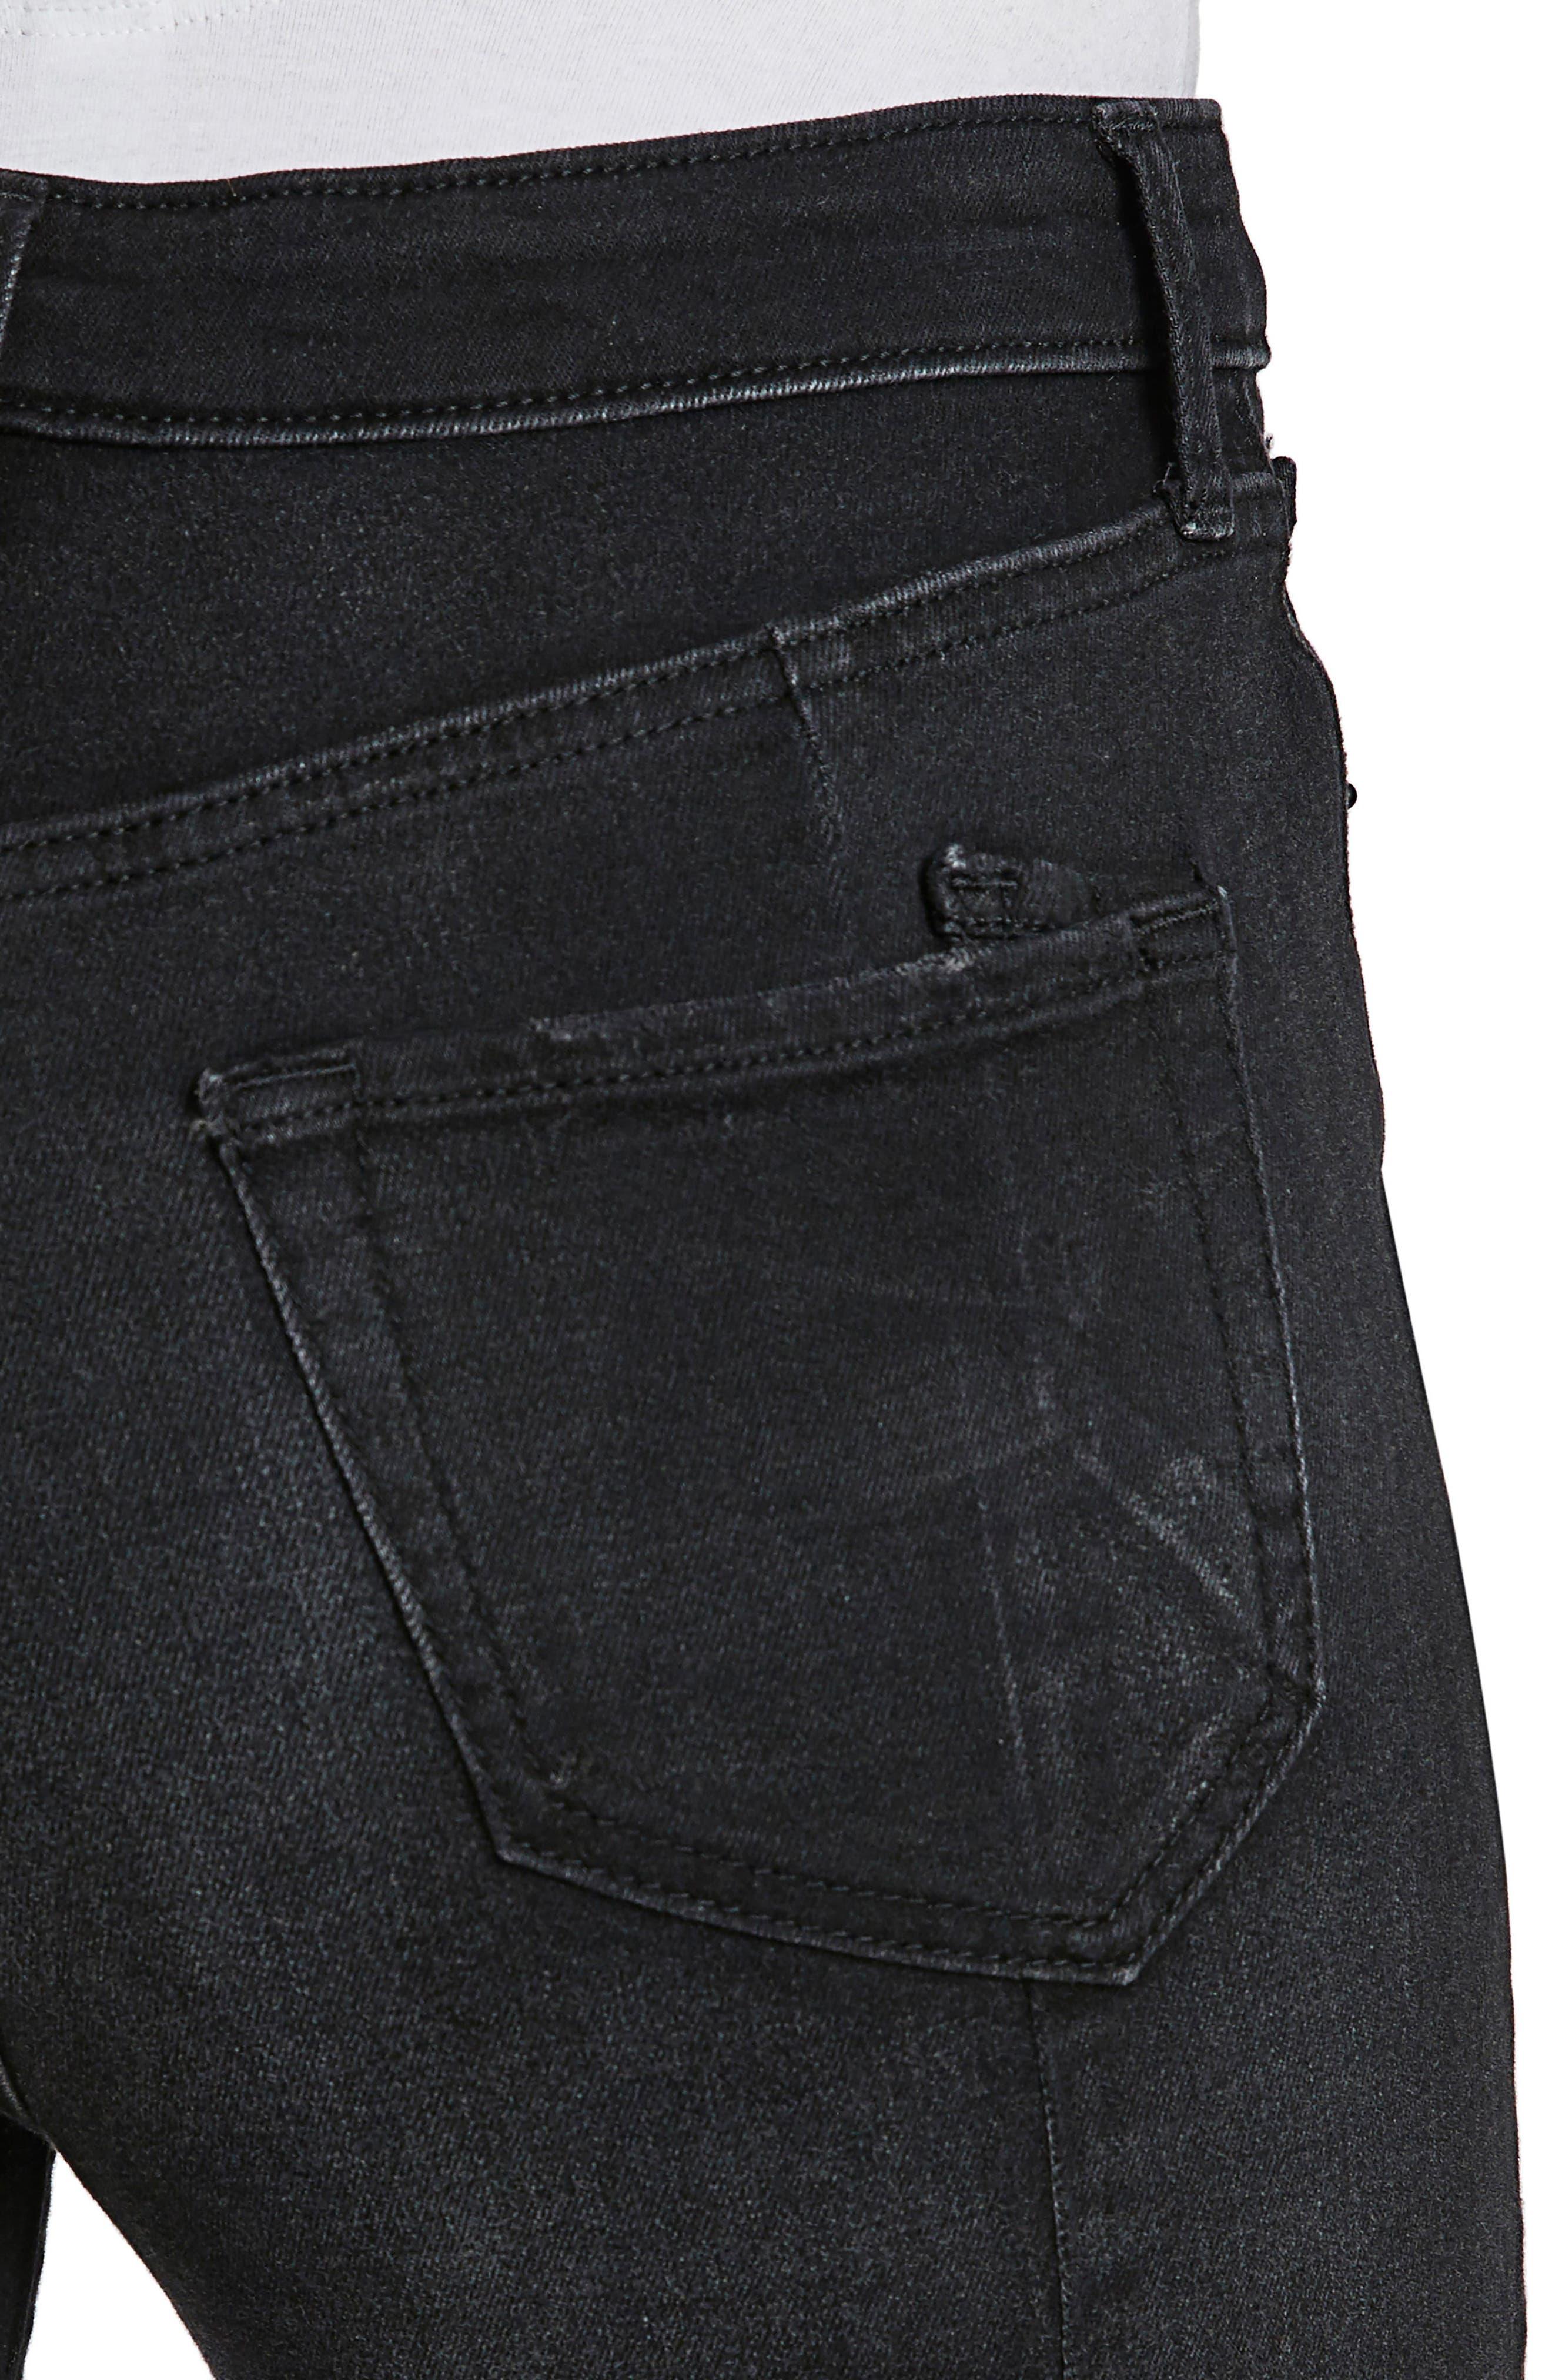 Chevelle Split Ankle Skinny Jeans,                             Alternate thumbnail 4, color,                             Black